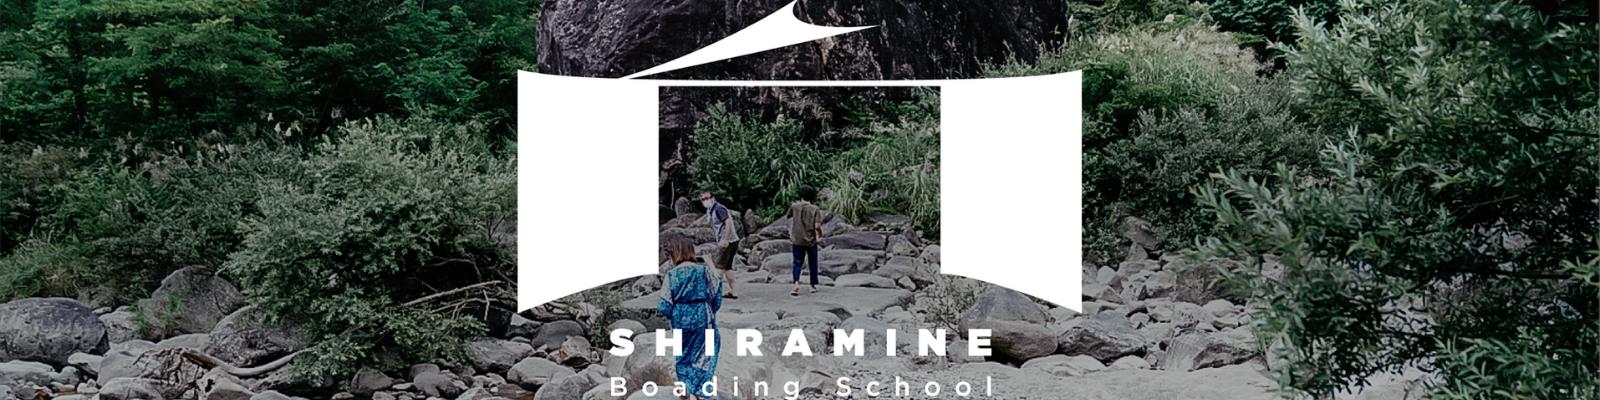 「白峰ボーディングスクール」ロゴとイメージ